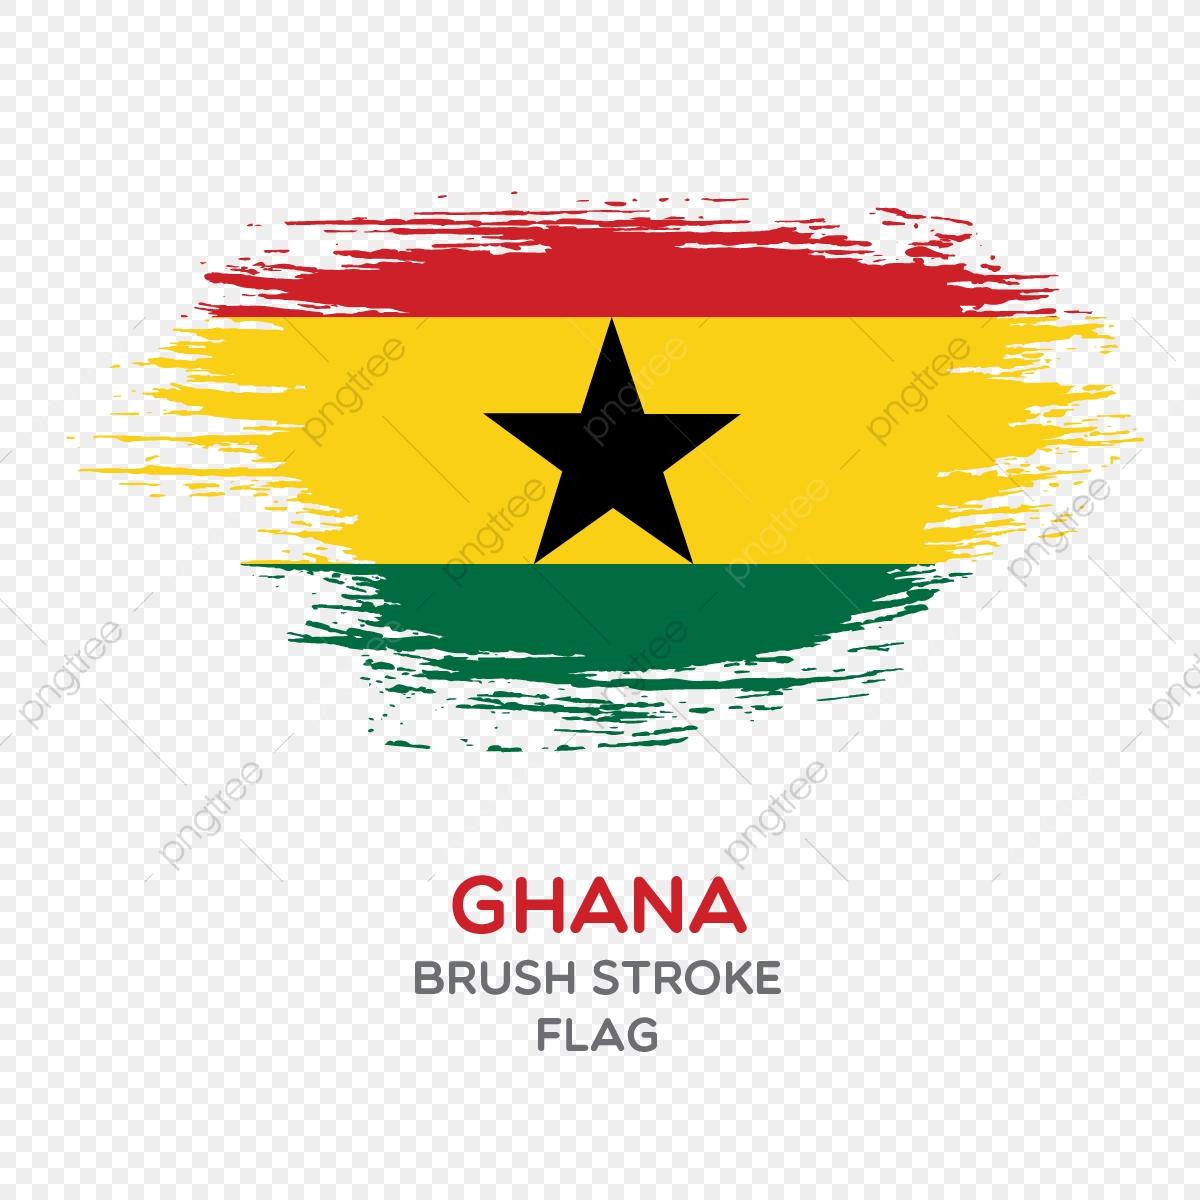 Ghana Brush Stroke Flag, Brush Stroke Flags, Country Flag, National.